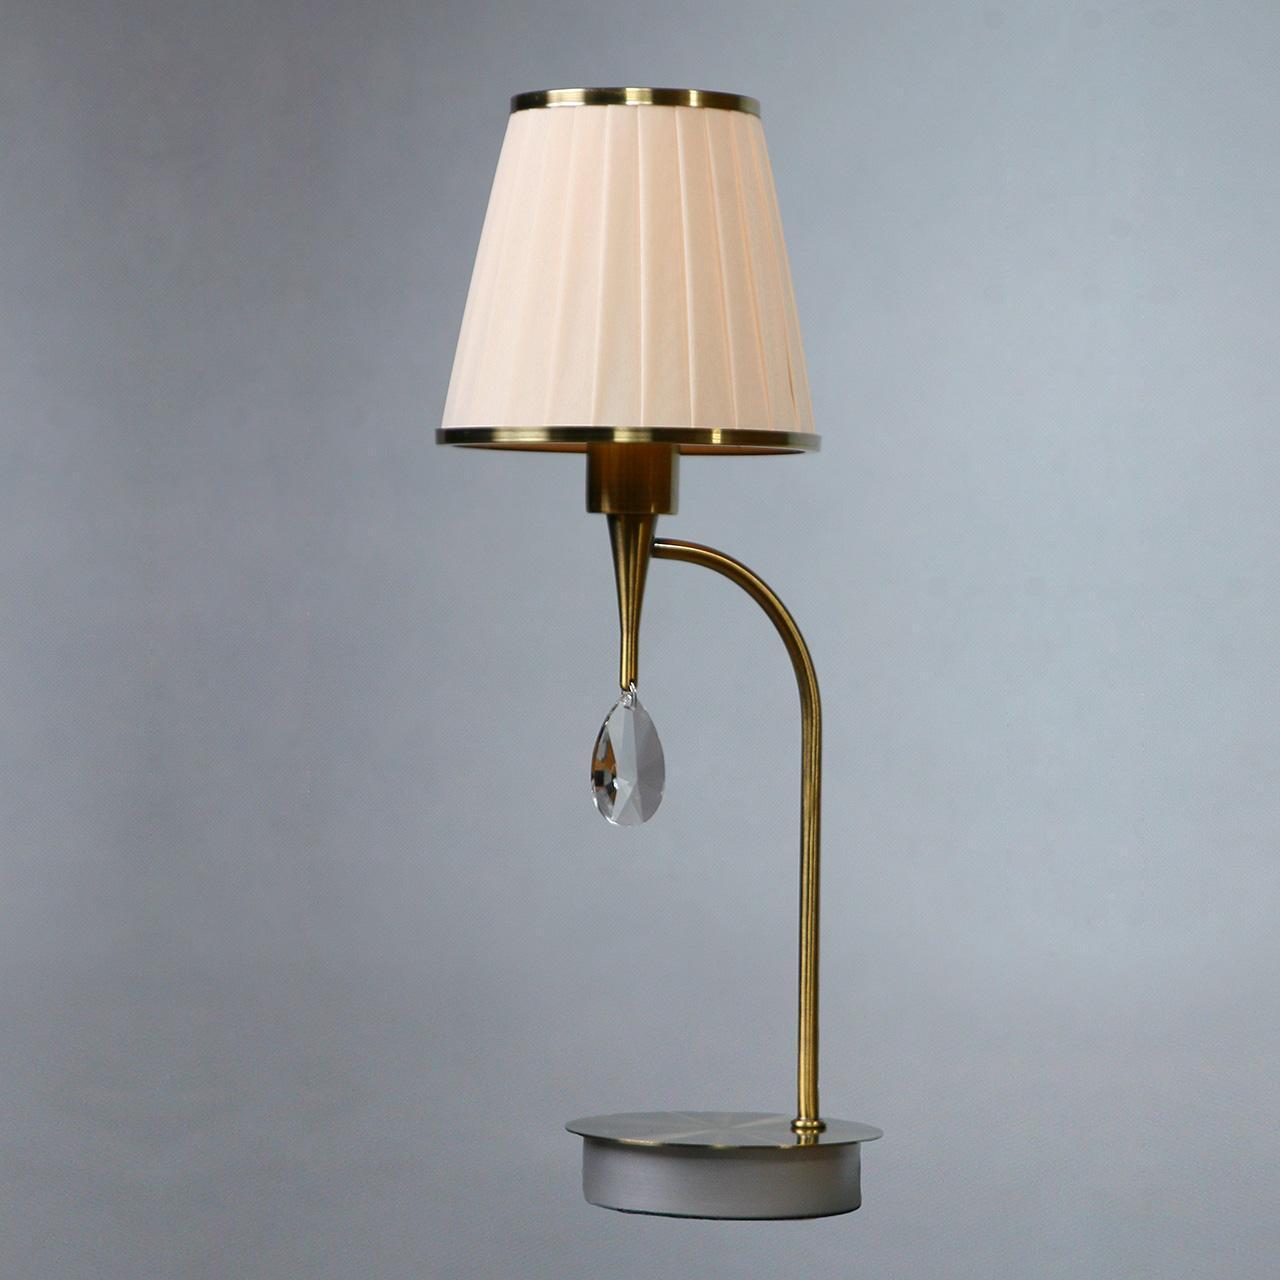 Настольная лампа Brizzi Alora MA 01625T/001 Bronze Cream недорго, оригинальная цена